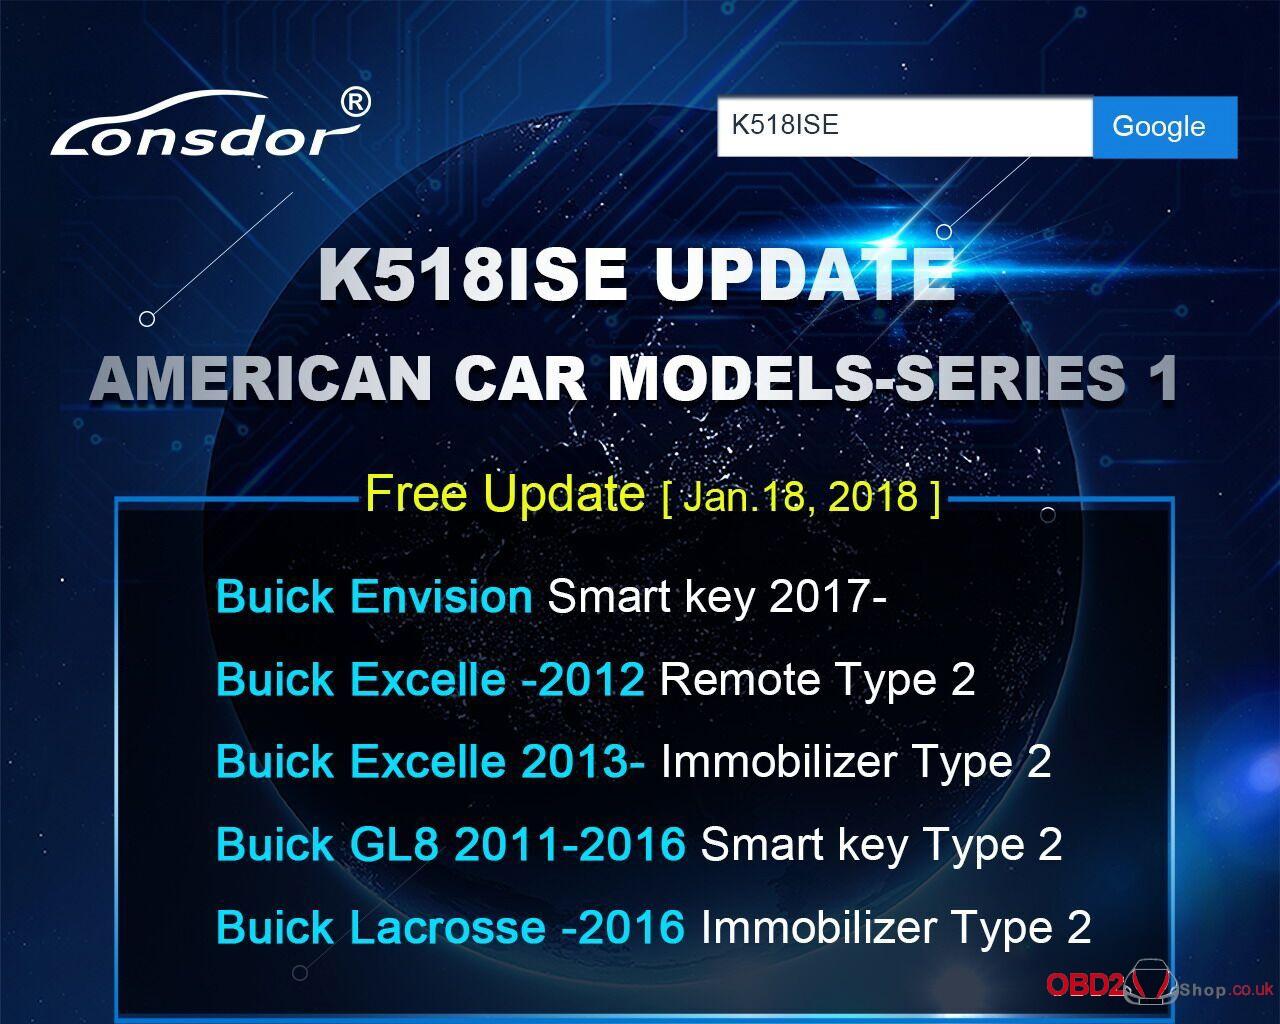 K518ISE Update Americancar models-Series 1-1